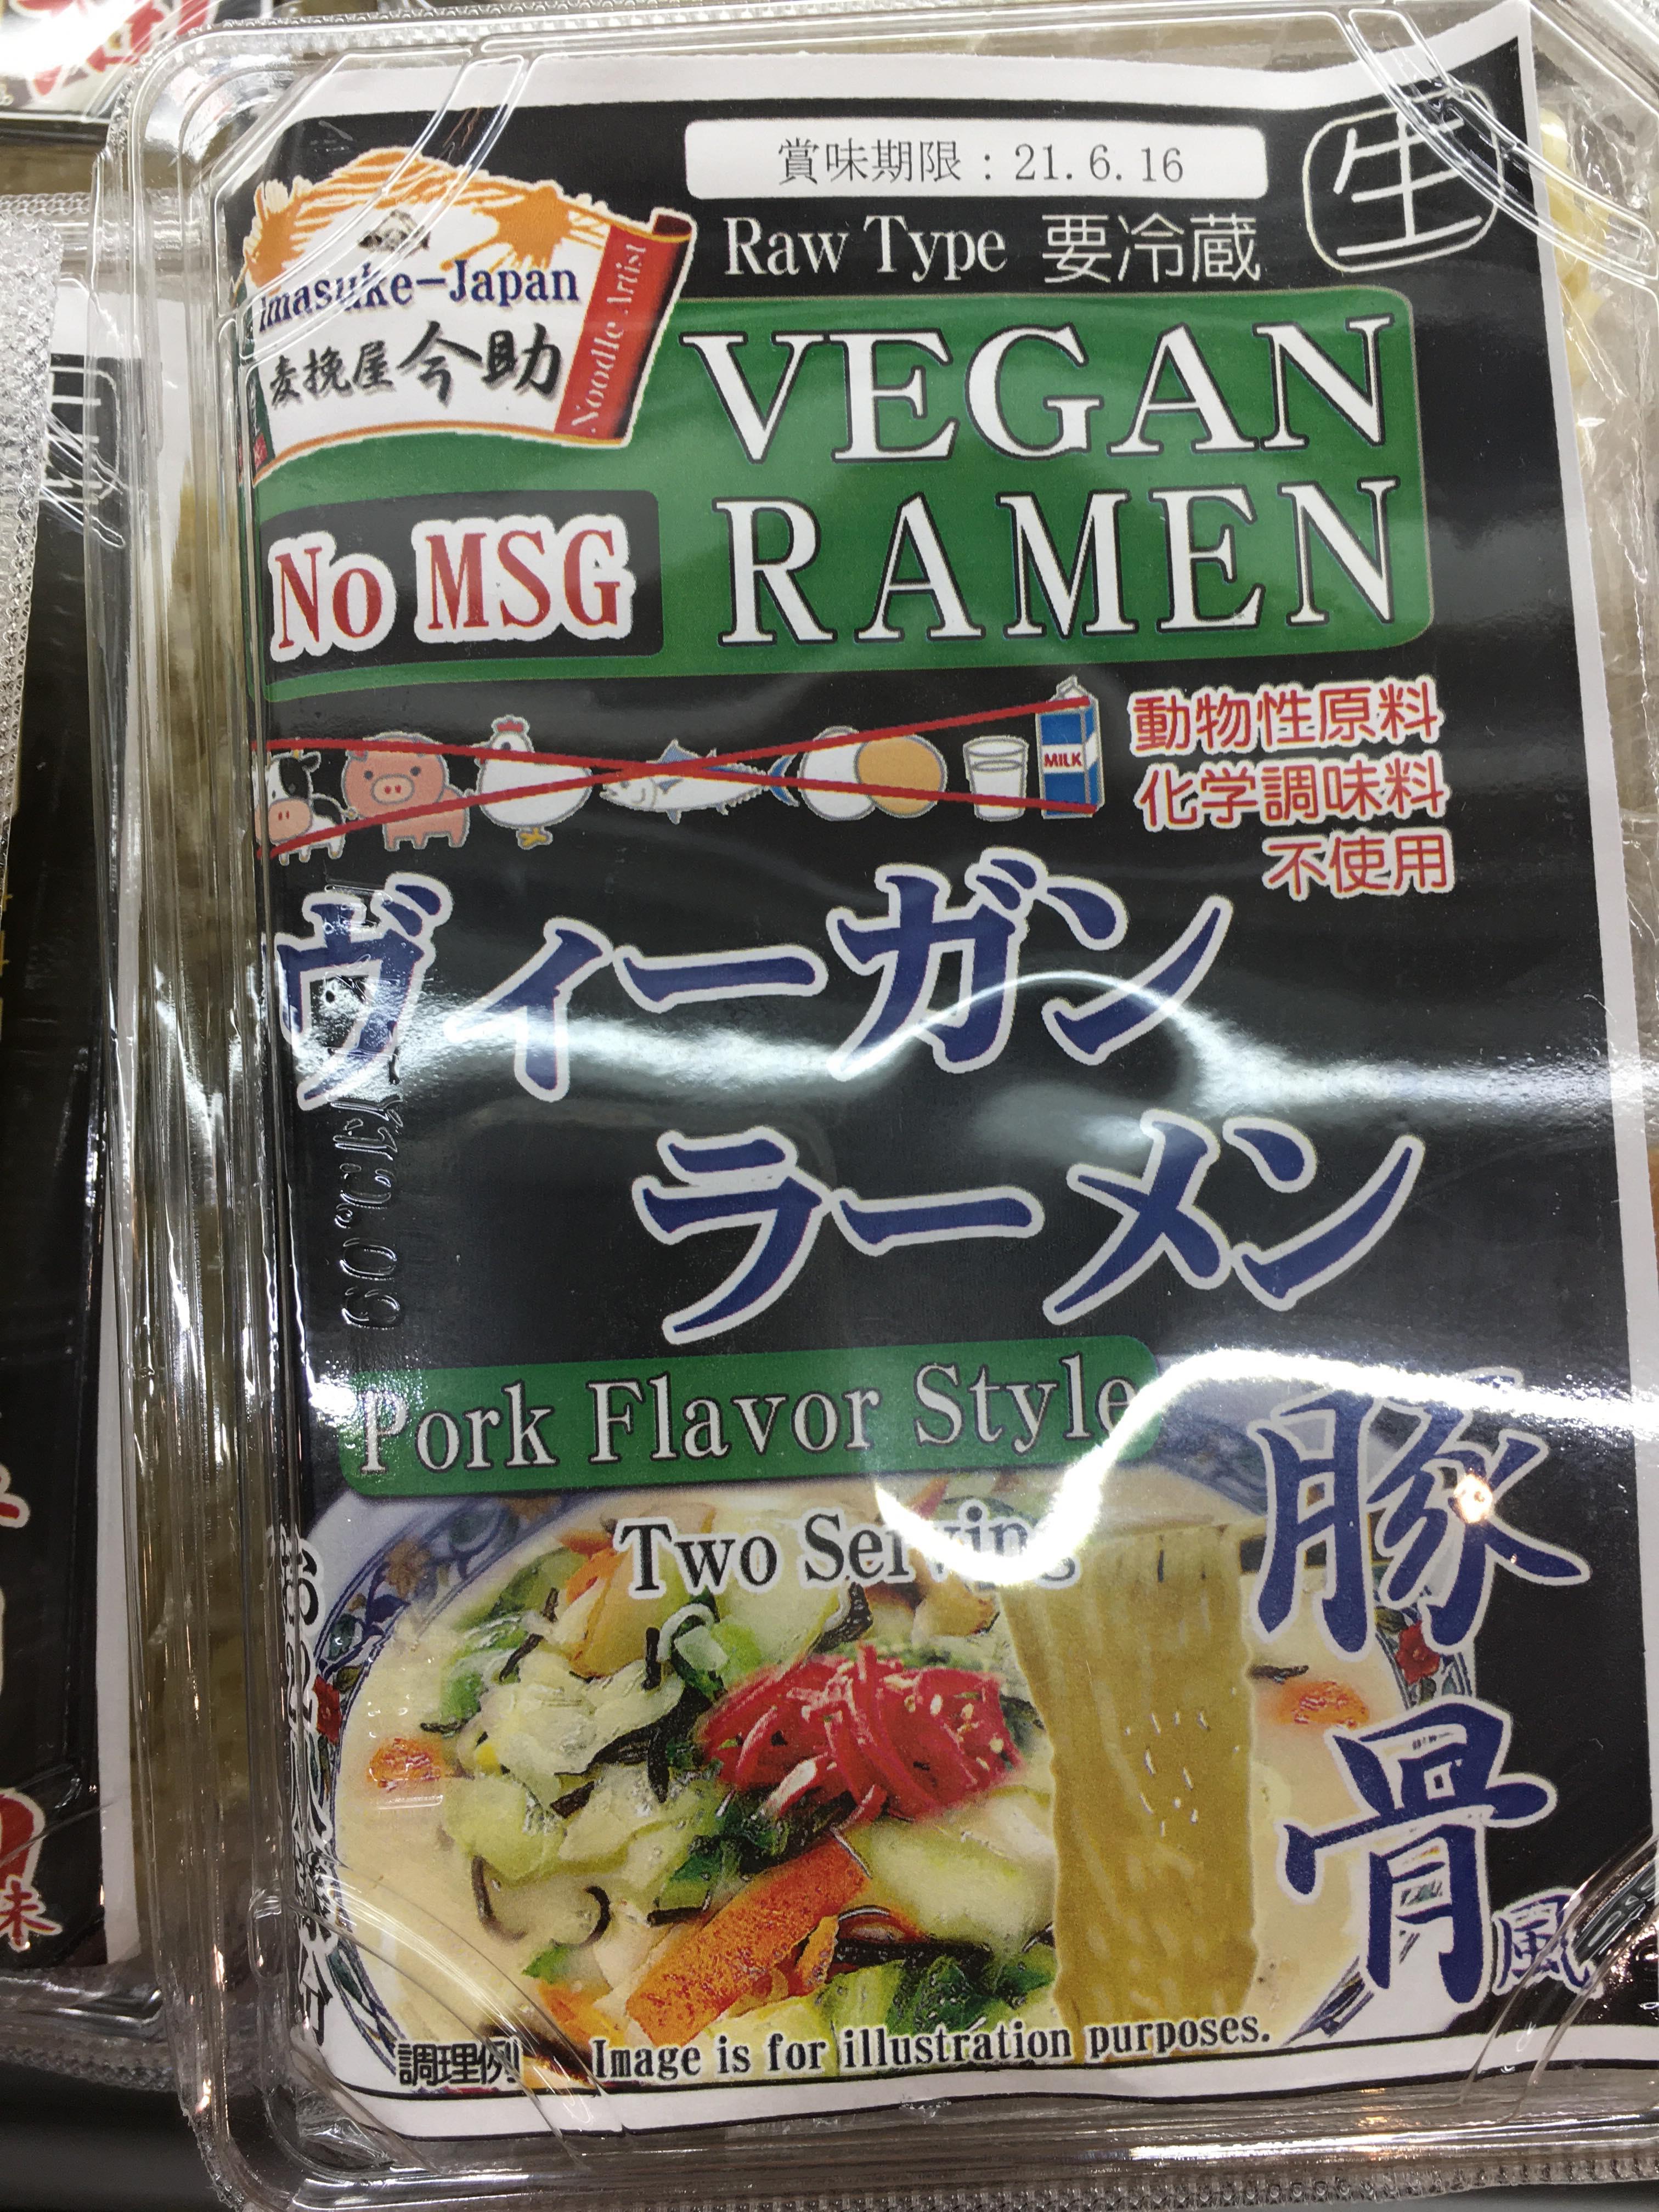 Imasuke Japan Raw Type Vegan Ramen Pork Flavor Style